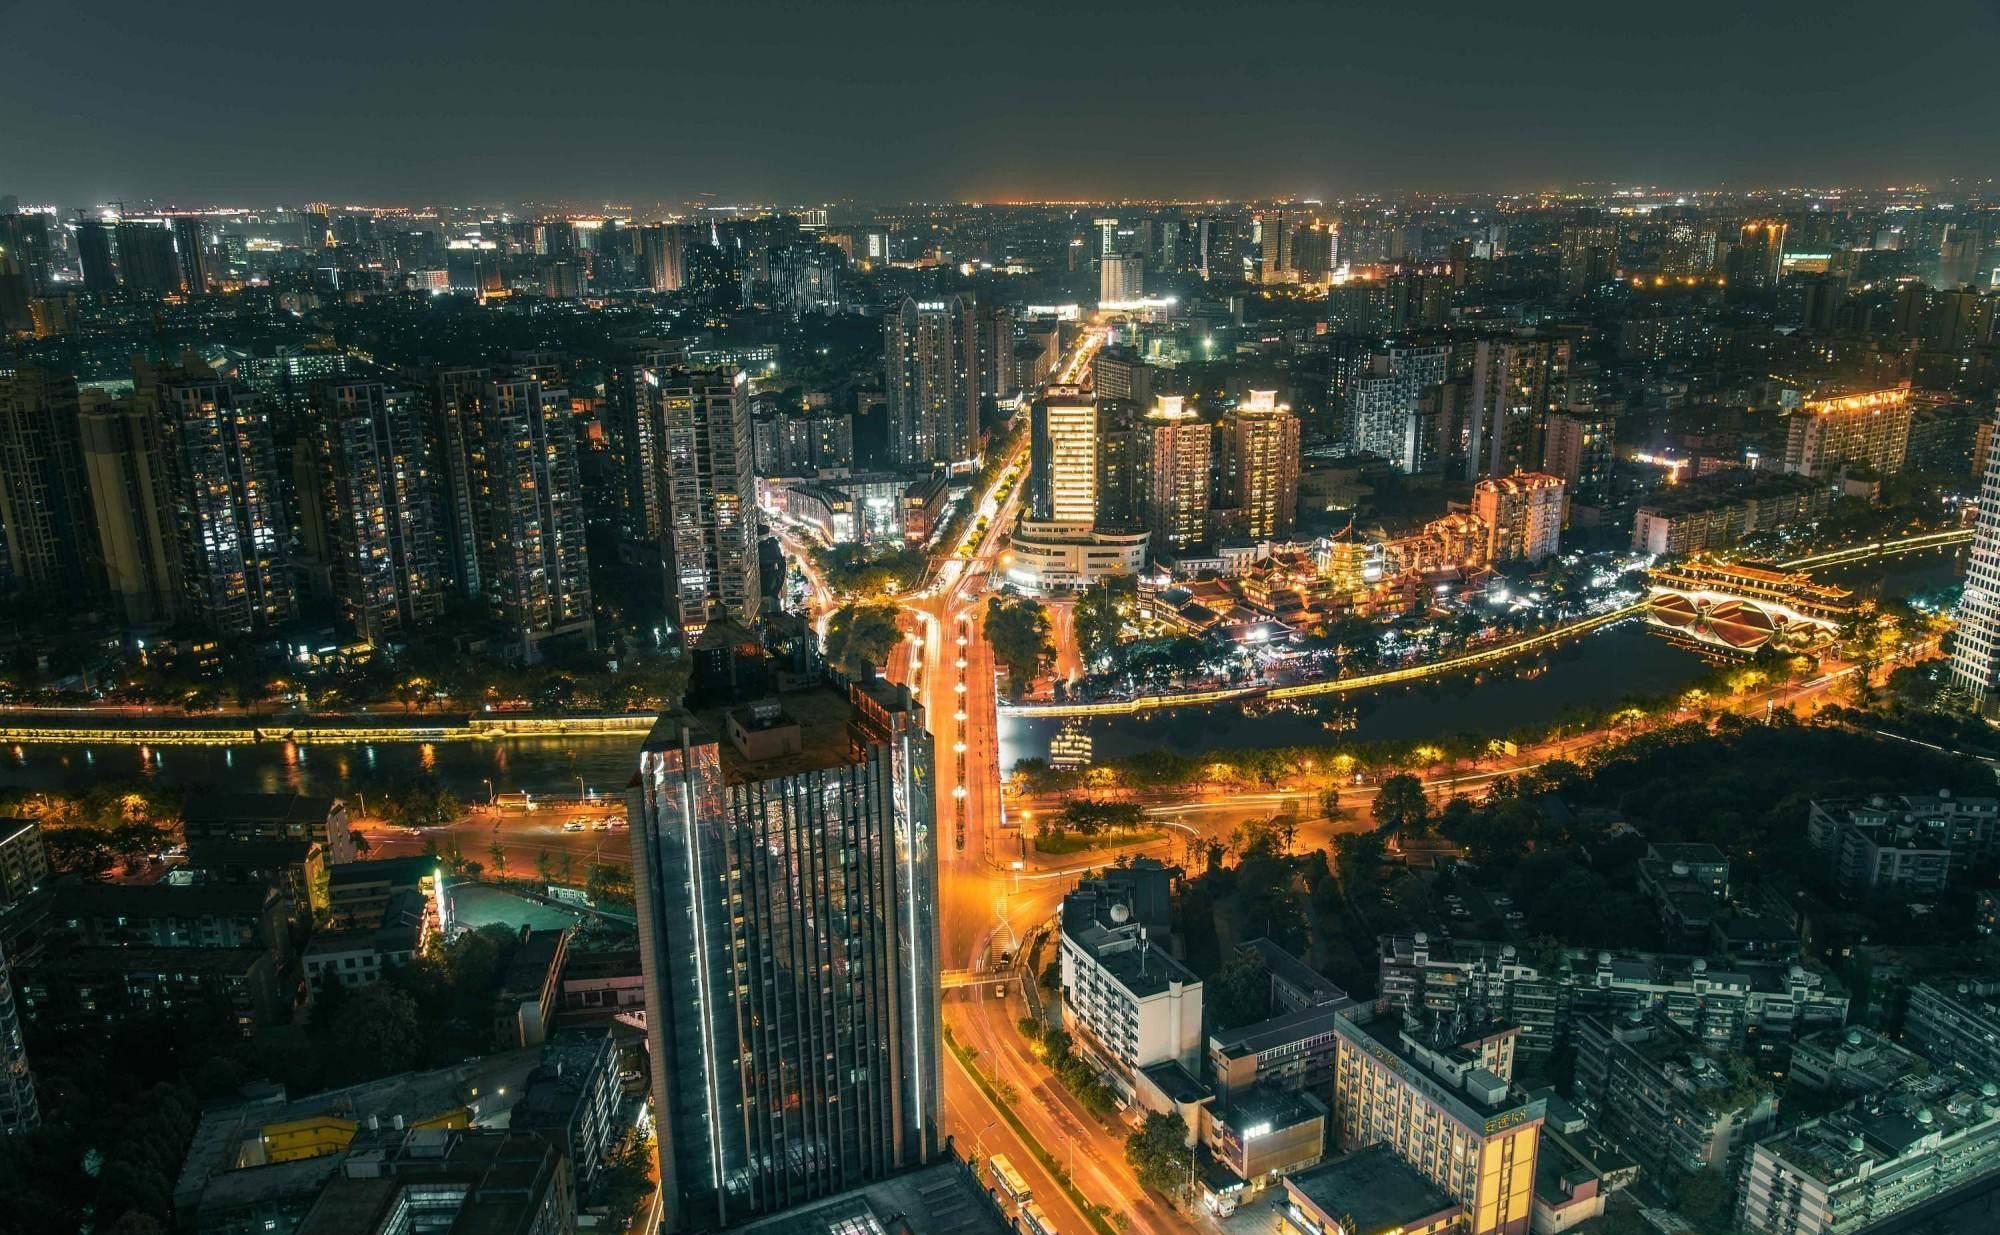 中国gdp中占比_中国最像的两座省会,GDP占比一模一样,都是新一线大城市